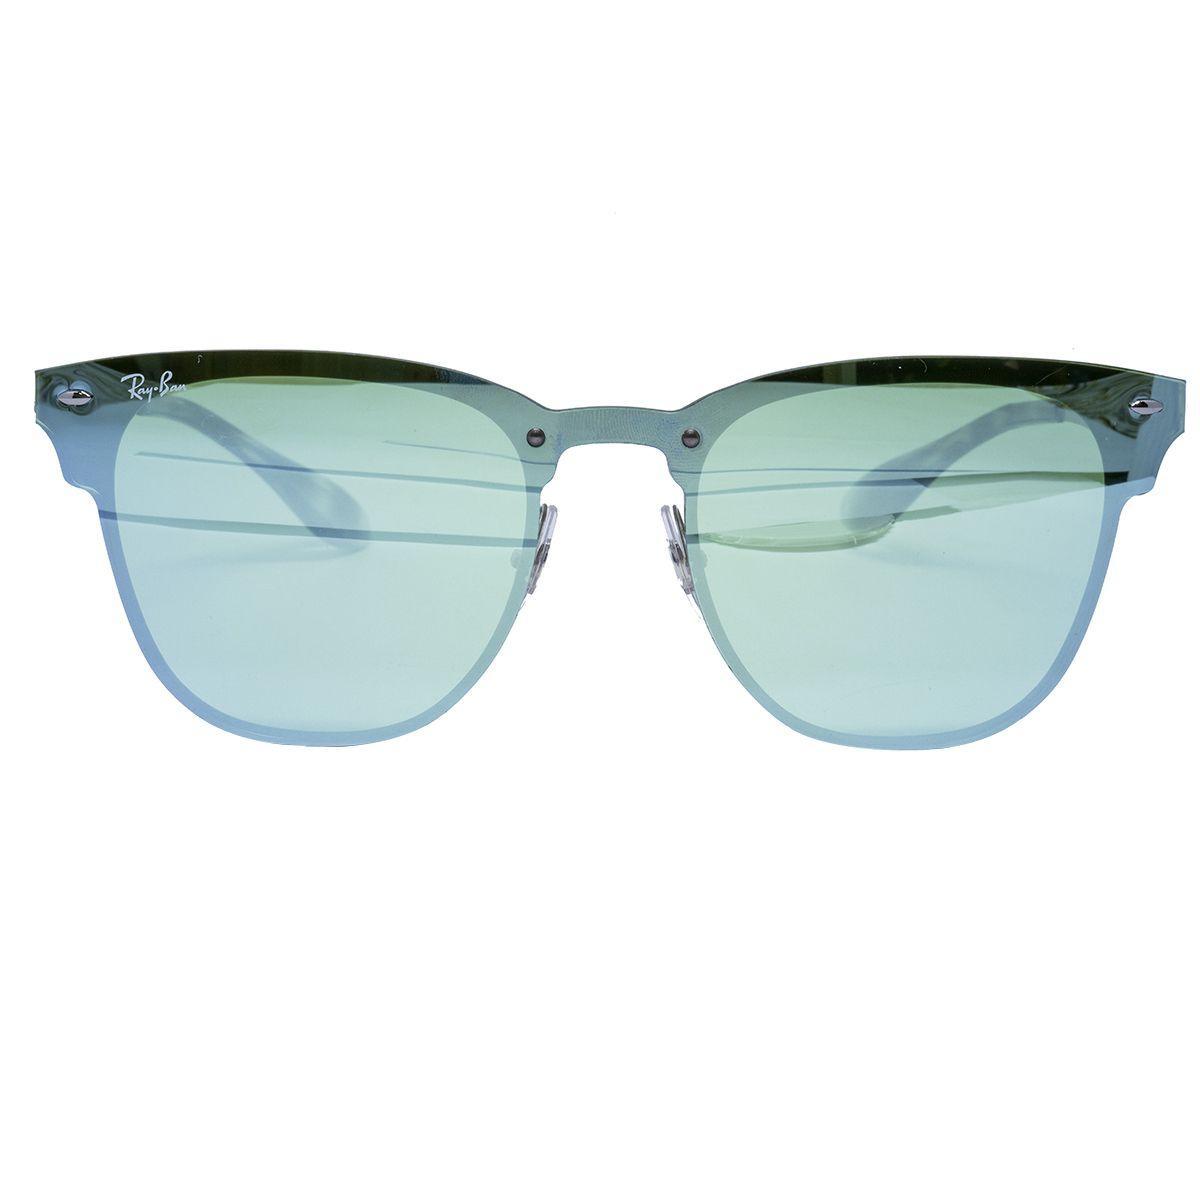 e5c061489f7bf Óculos de Sol Ray Ban Clubmaster Blaze Silver - Metal Prata e Lente Azul  Espelhada R  654,00 à vista. Adicionar à sacola